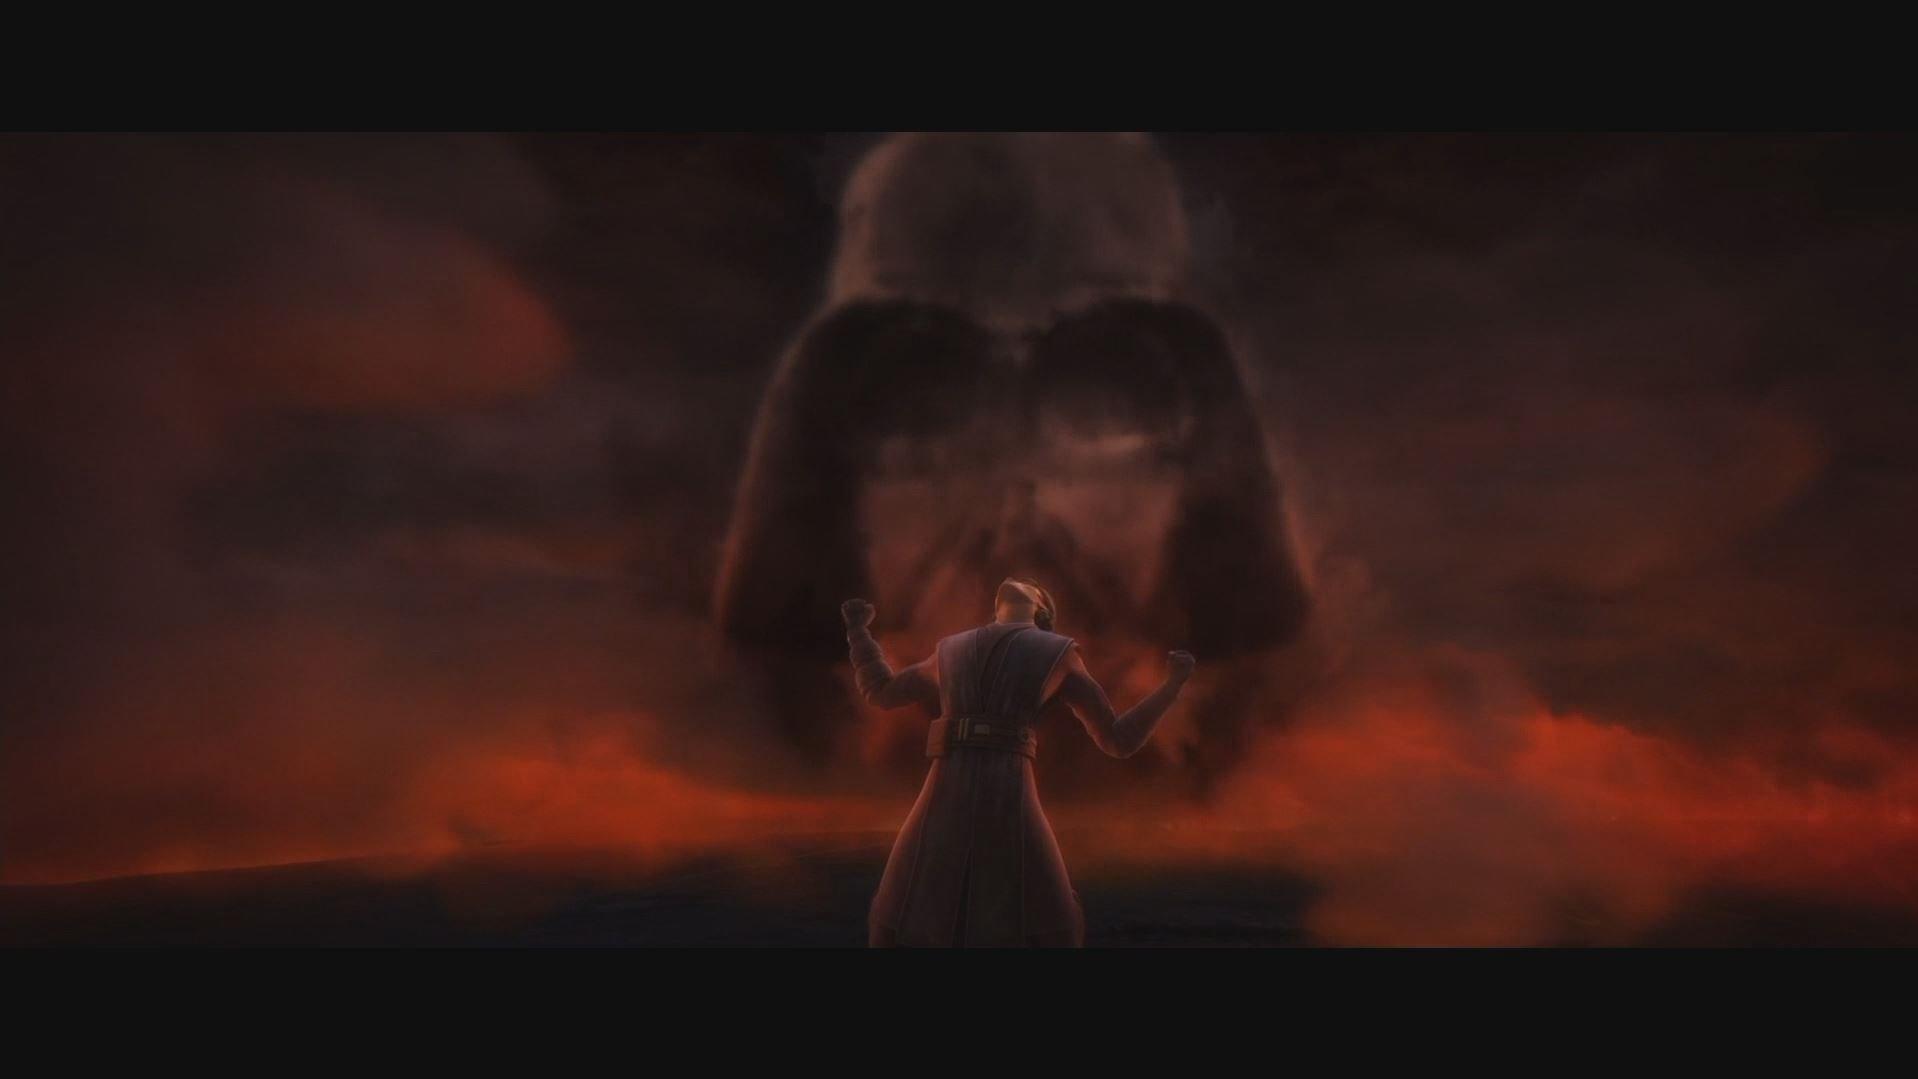 Aquí conocemos a fondo el conflicto interno de Anakin para encontrar el equilibrio de la Fuerza